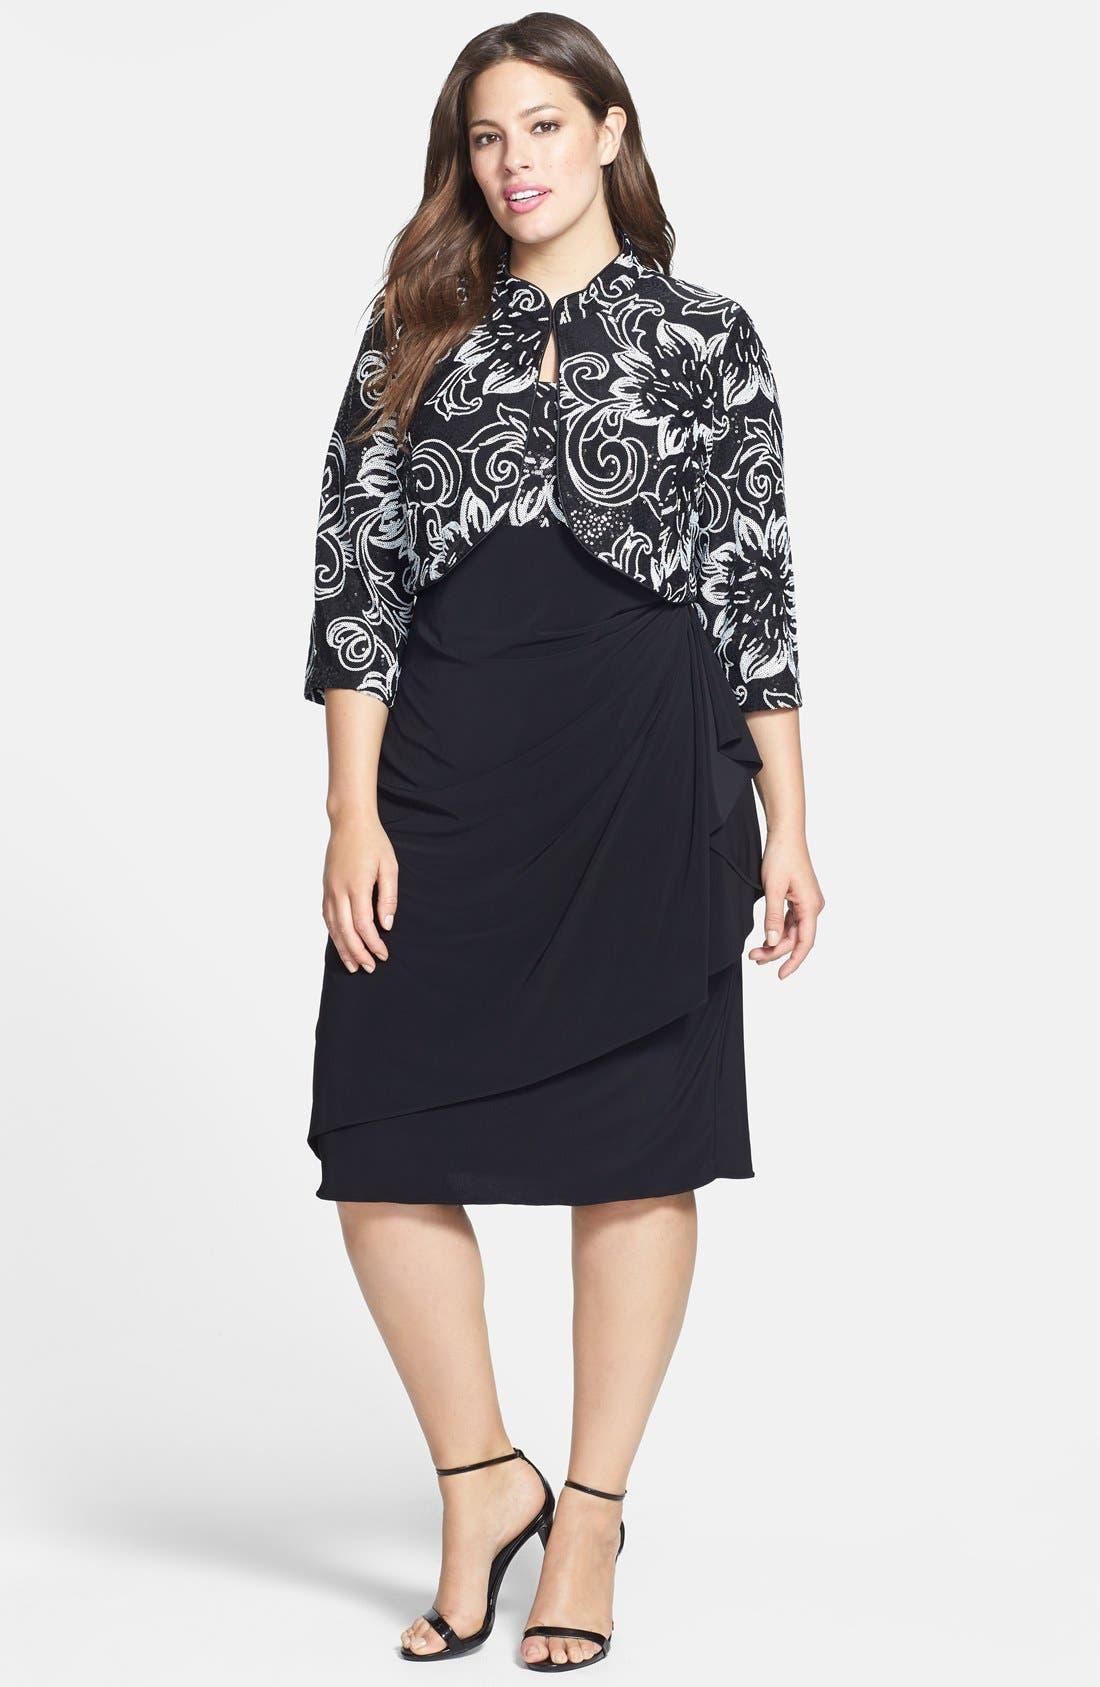 Main Image - Alex Evenings Sequin Patterned Dress & Jacket (Plus Size)